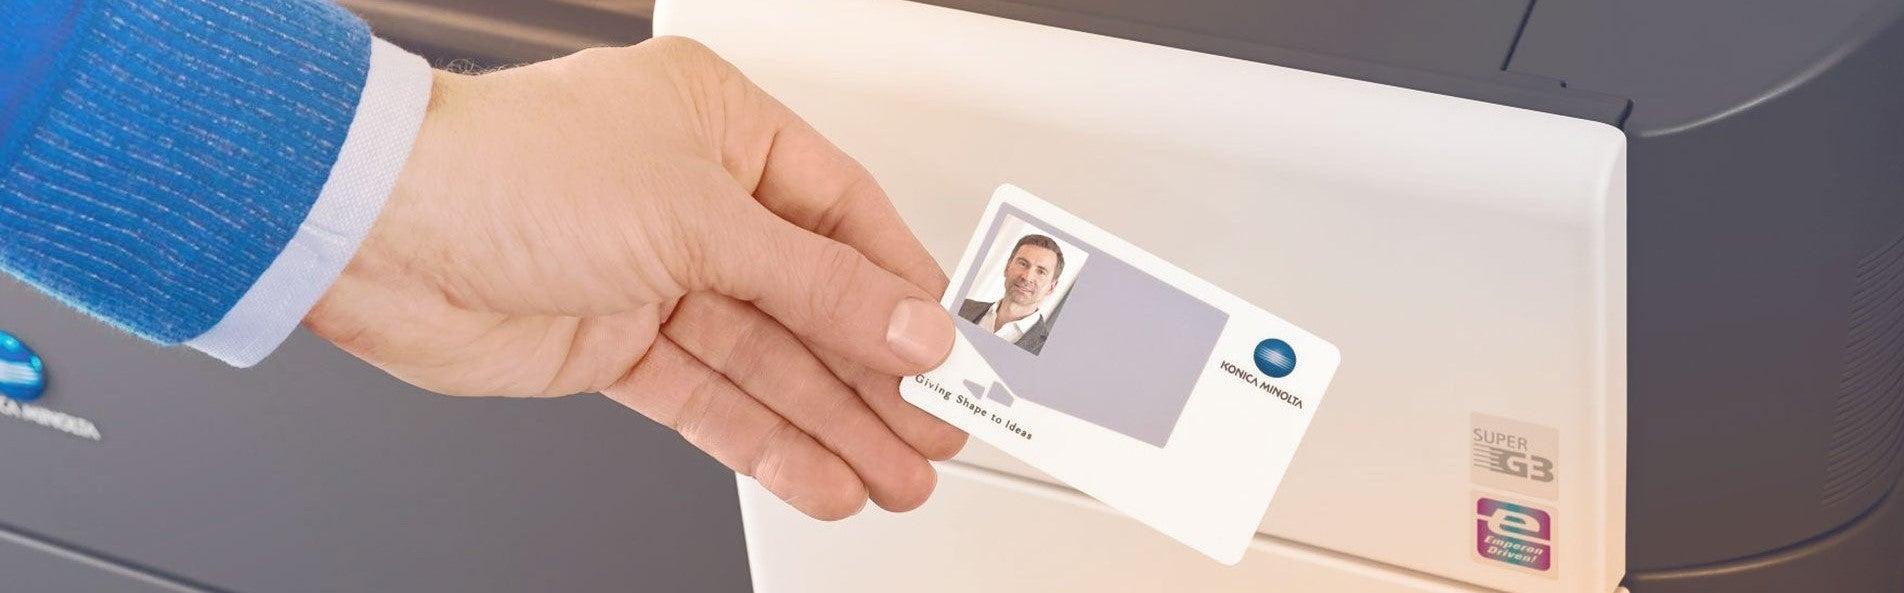 Mann hält Ausweis vor Drucker